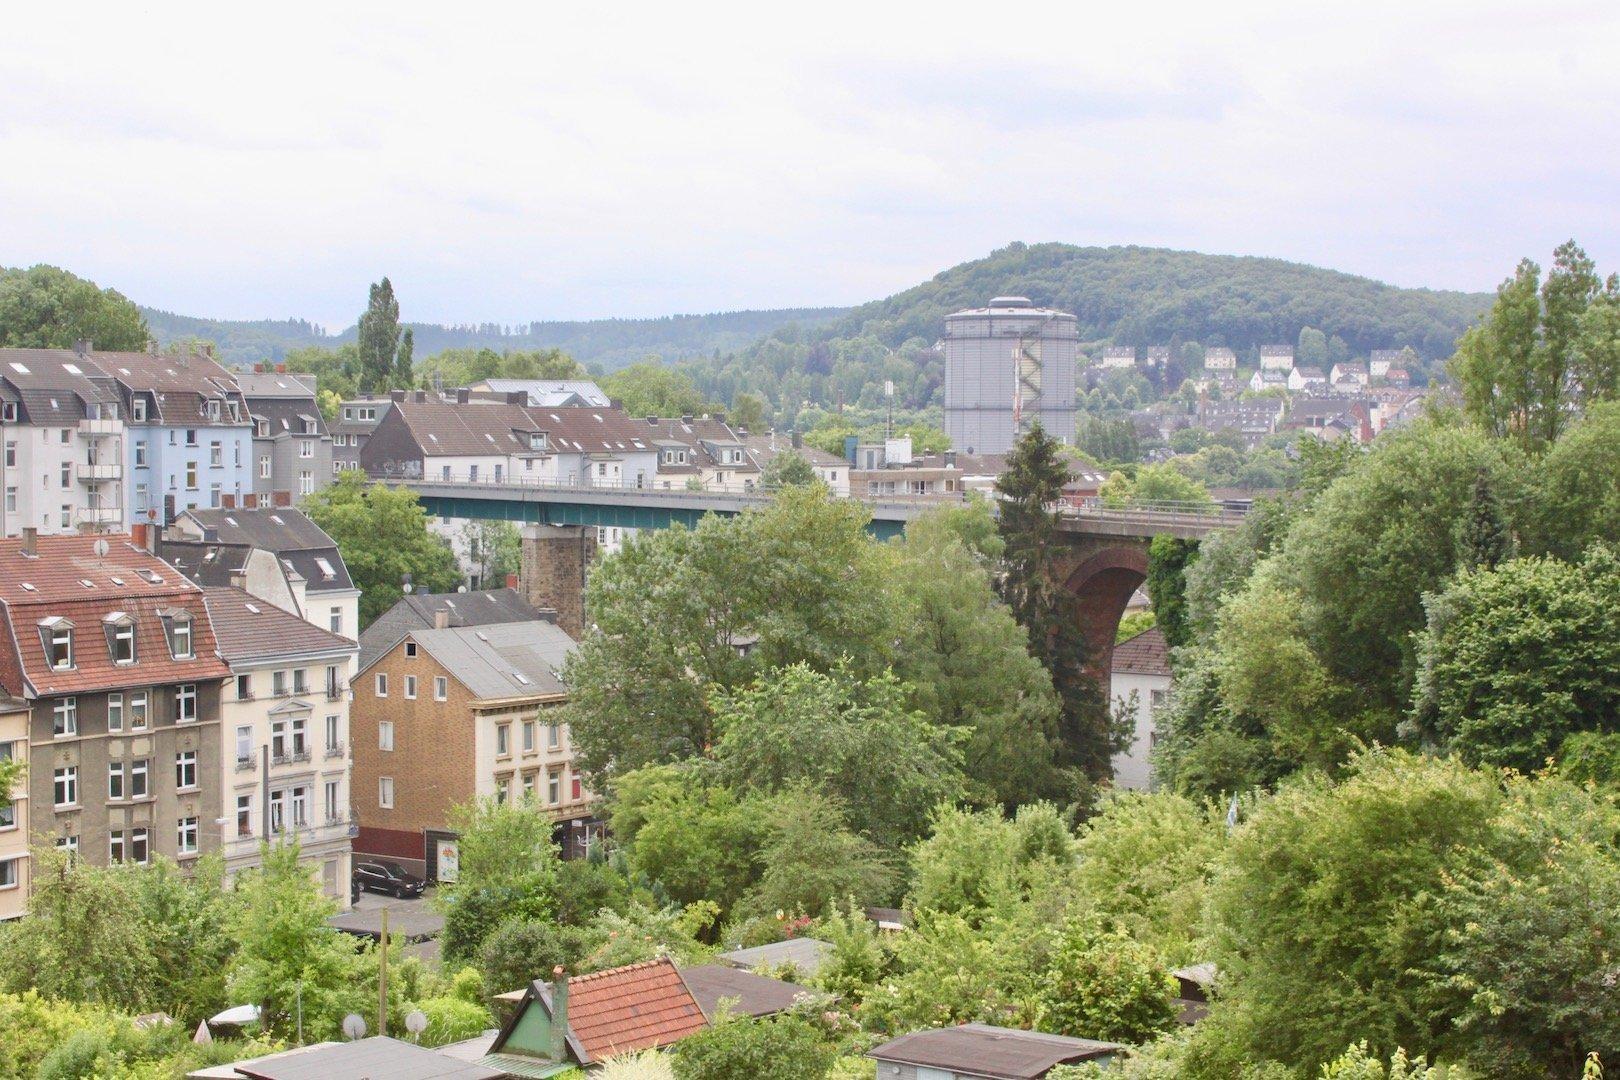 Blick auf Wuppertal von einem hohen Punkt: Neben Häusern sind vor allem grüne Bäume zu sehen.